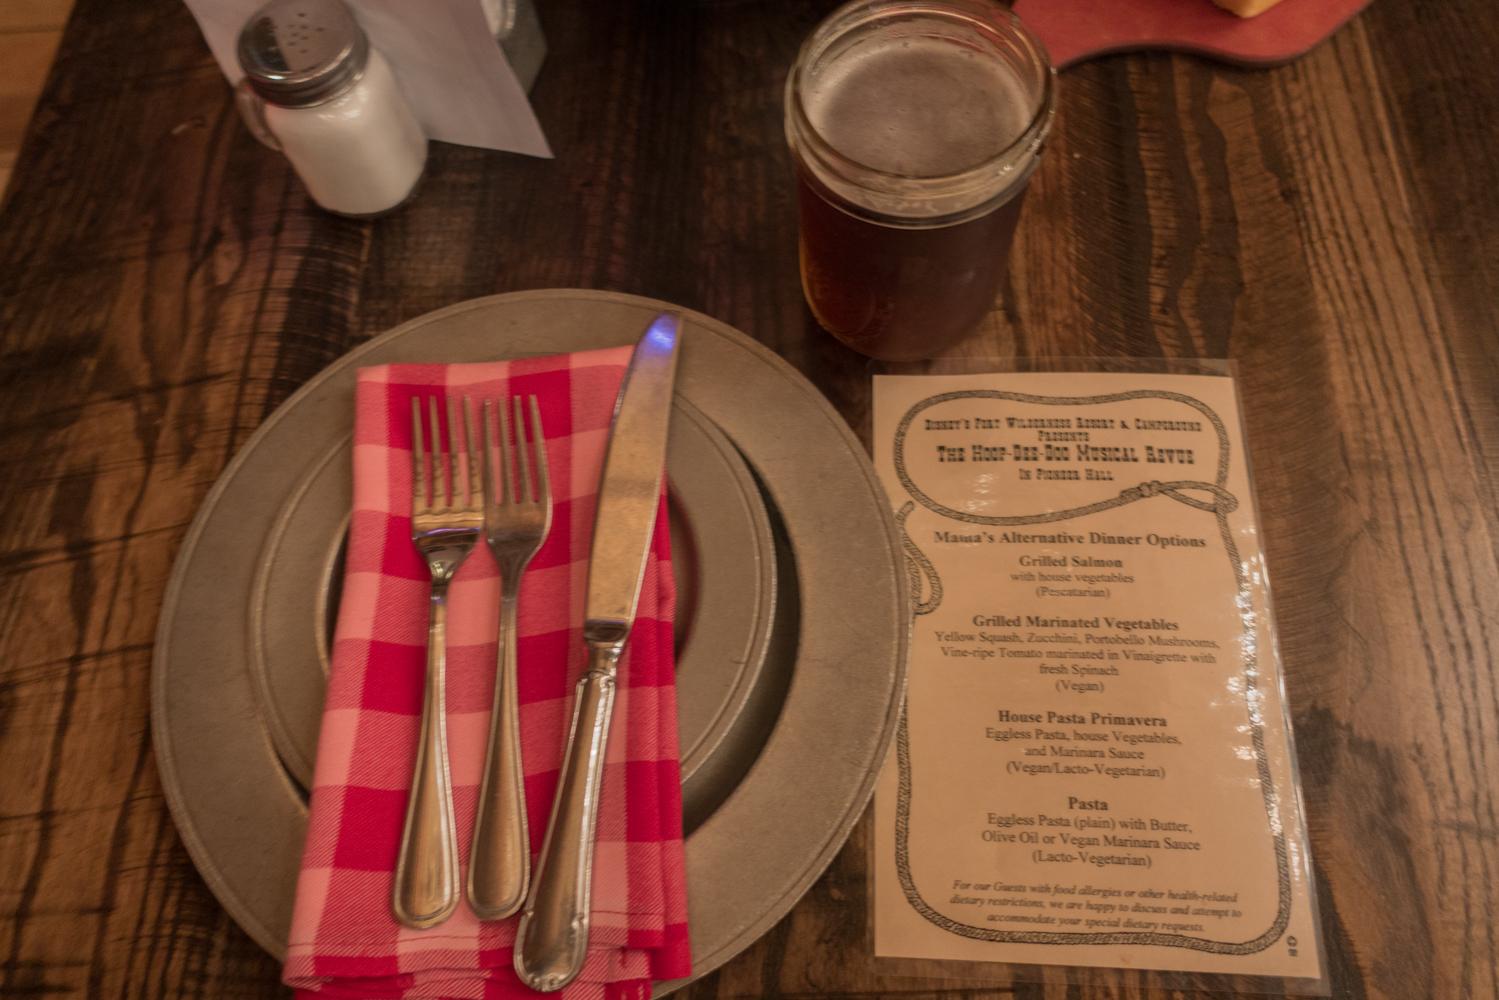 Vegan and Vegetarian dining options at Disney's Hoop-de-doo Revue! #vegandisney #vegan